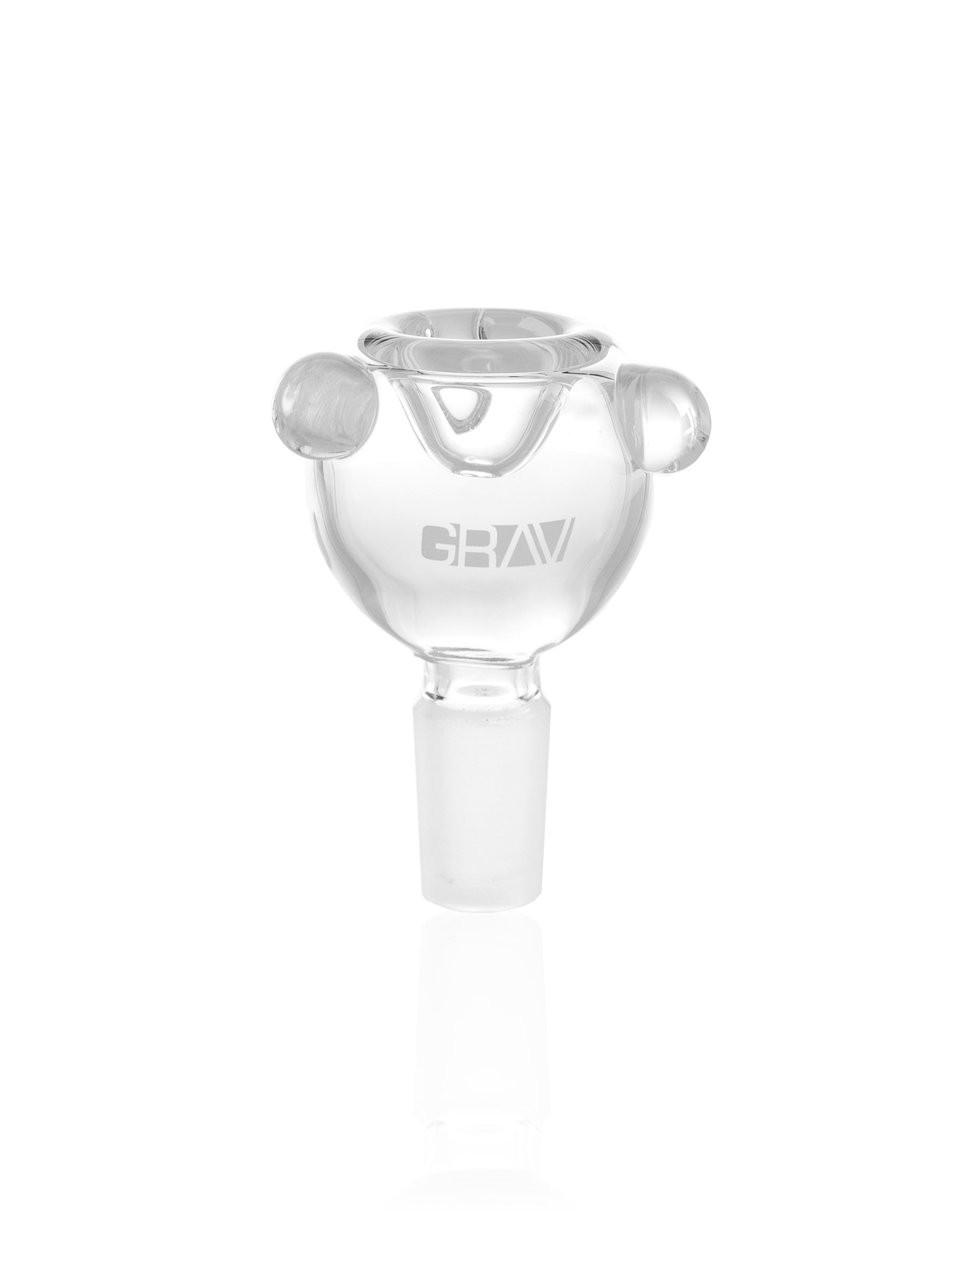 14mm GRAV Bubble Bowl